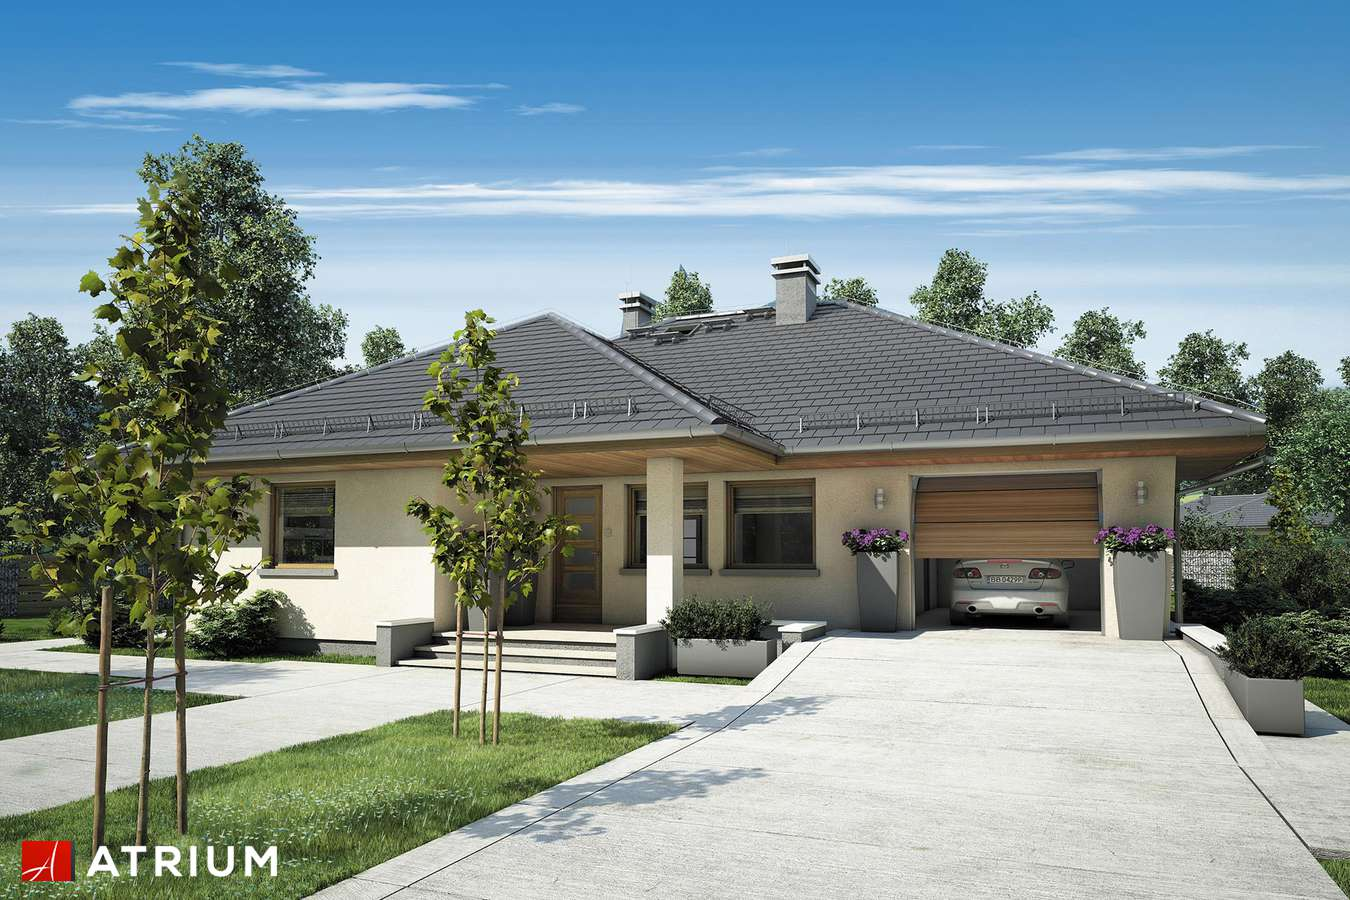 Projekty domów - Projekt domu parterowego SATURN II - wizualizacja 1